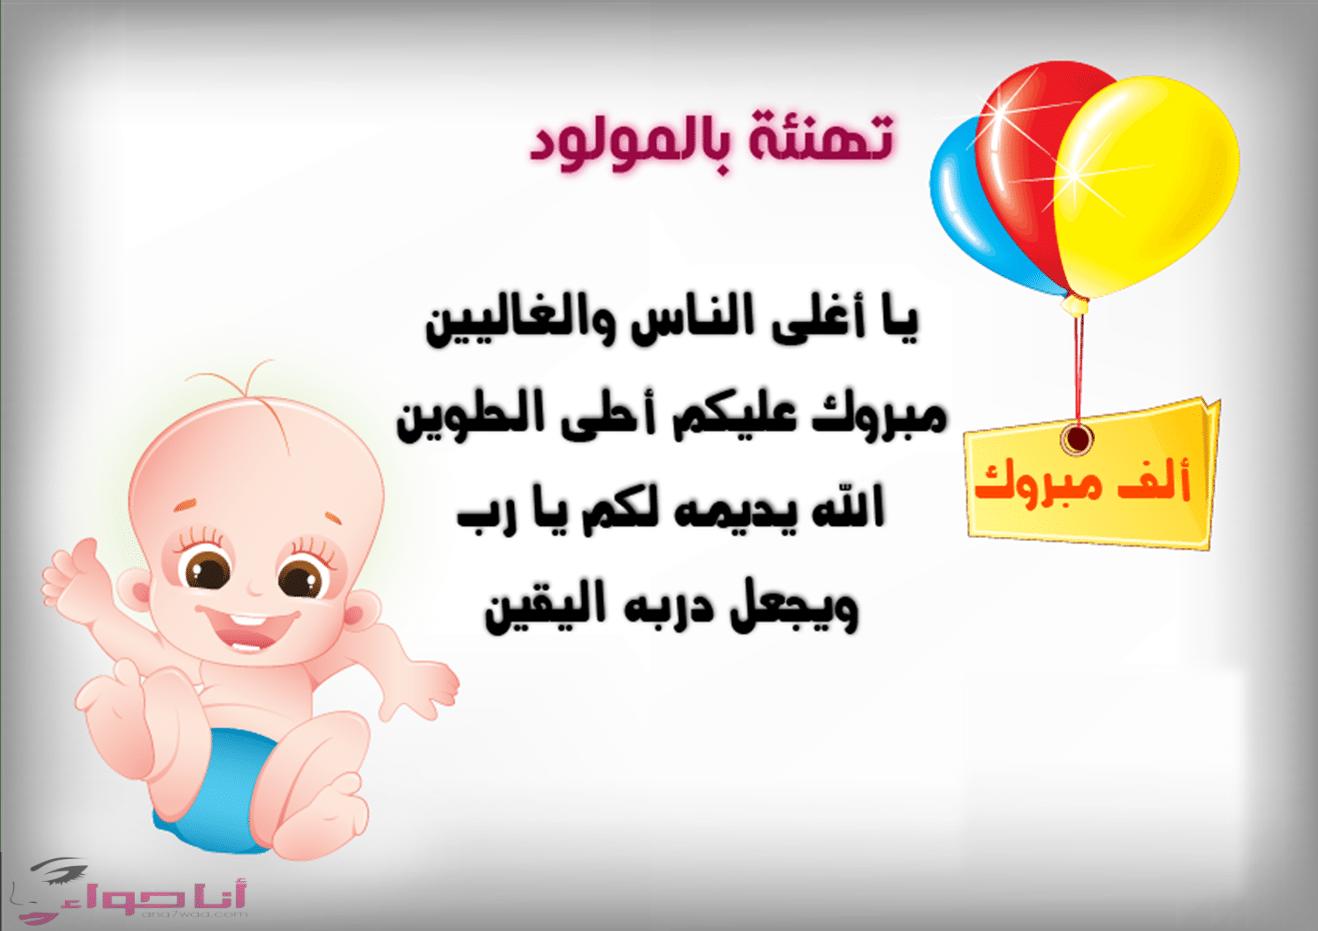 مبروك المولود تهنئة بمولود ذكر